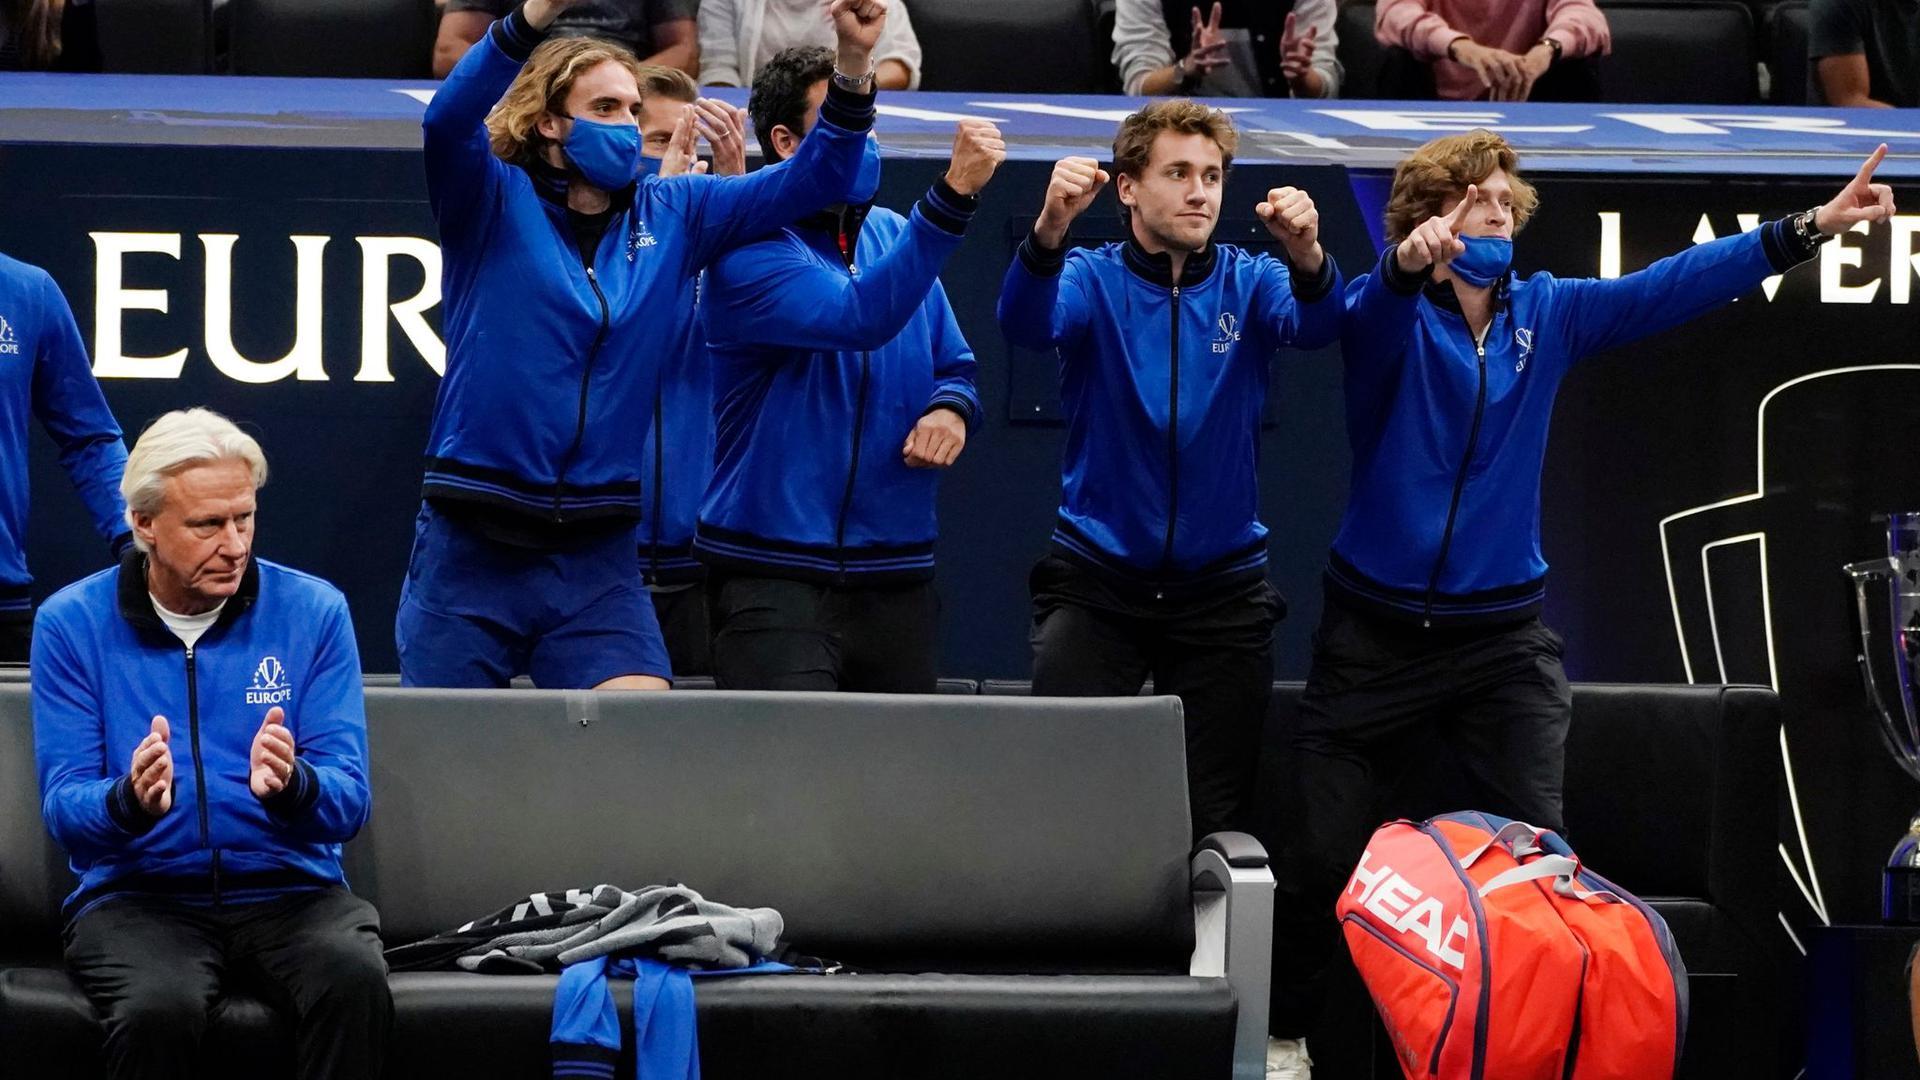 Bjorn Borg (l), Kapitän vom Team Europa, und seine Teamkollegen feiern den Sieg von Alexander Zverev über John Isner.